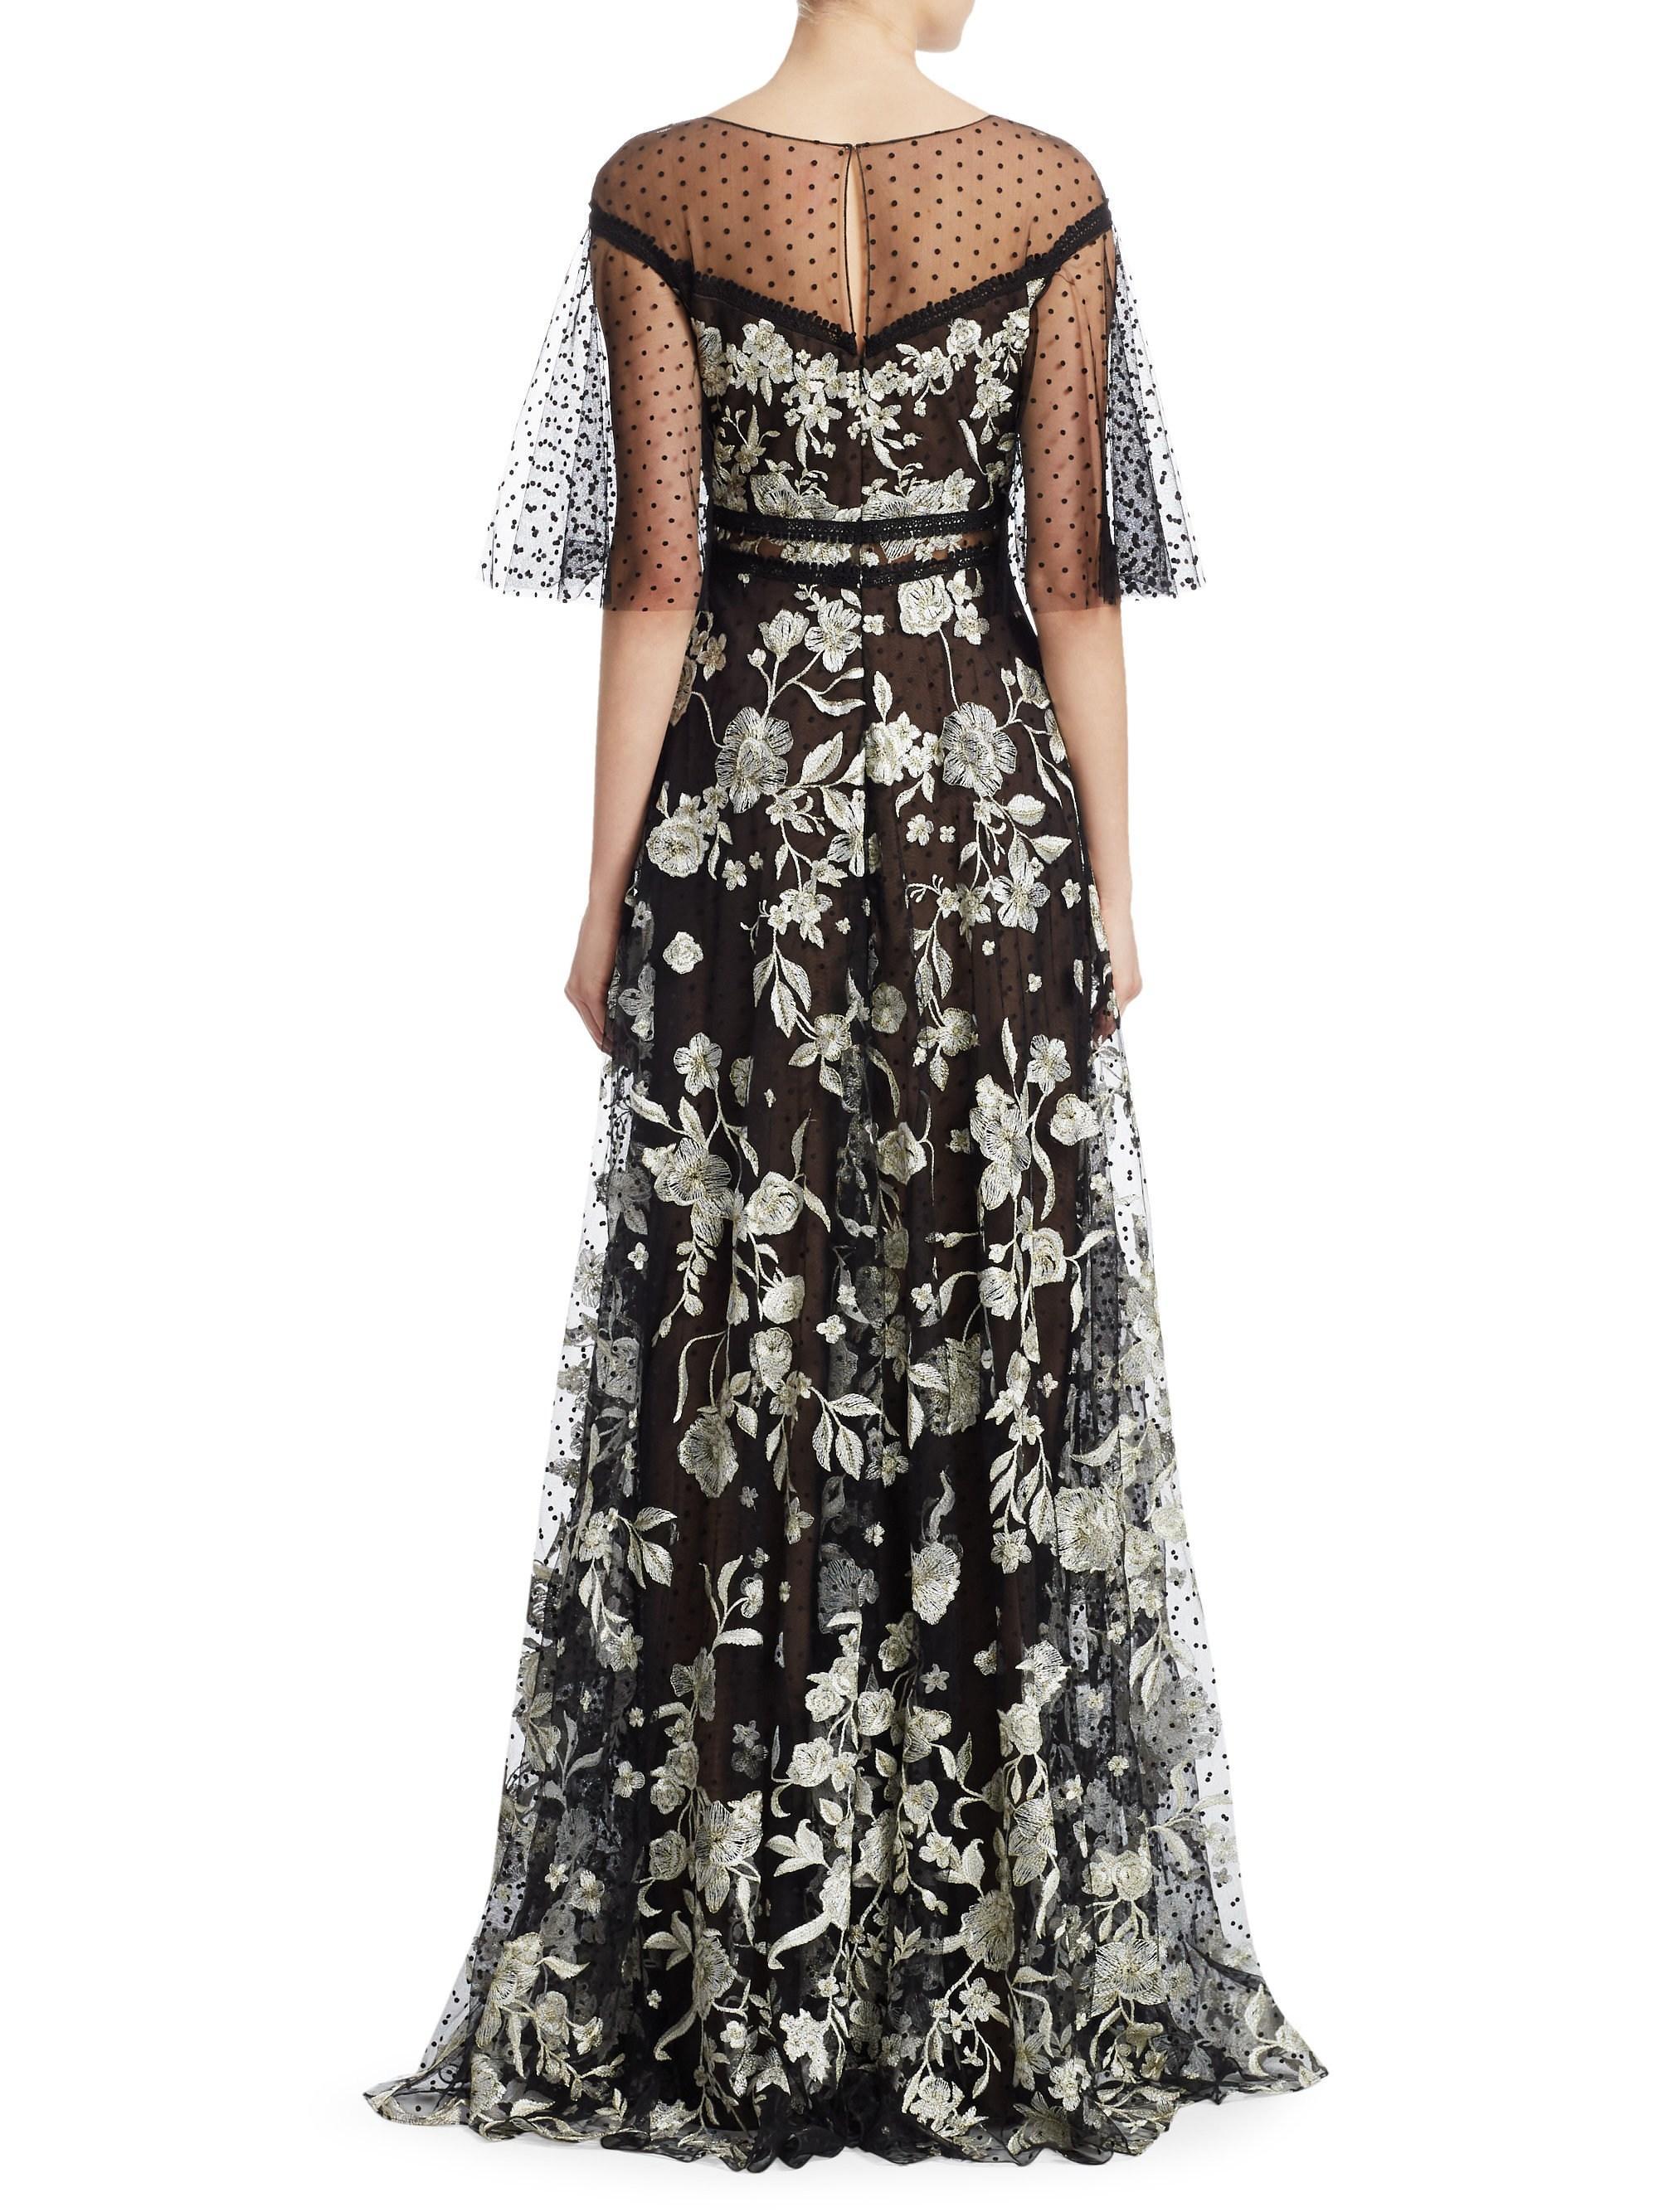 7ec22fd8ef5 Lyst - Marchesa notte Women s Flutter Sleeve Flock Gown - Black White - Size  8 in Black